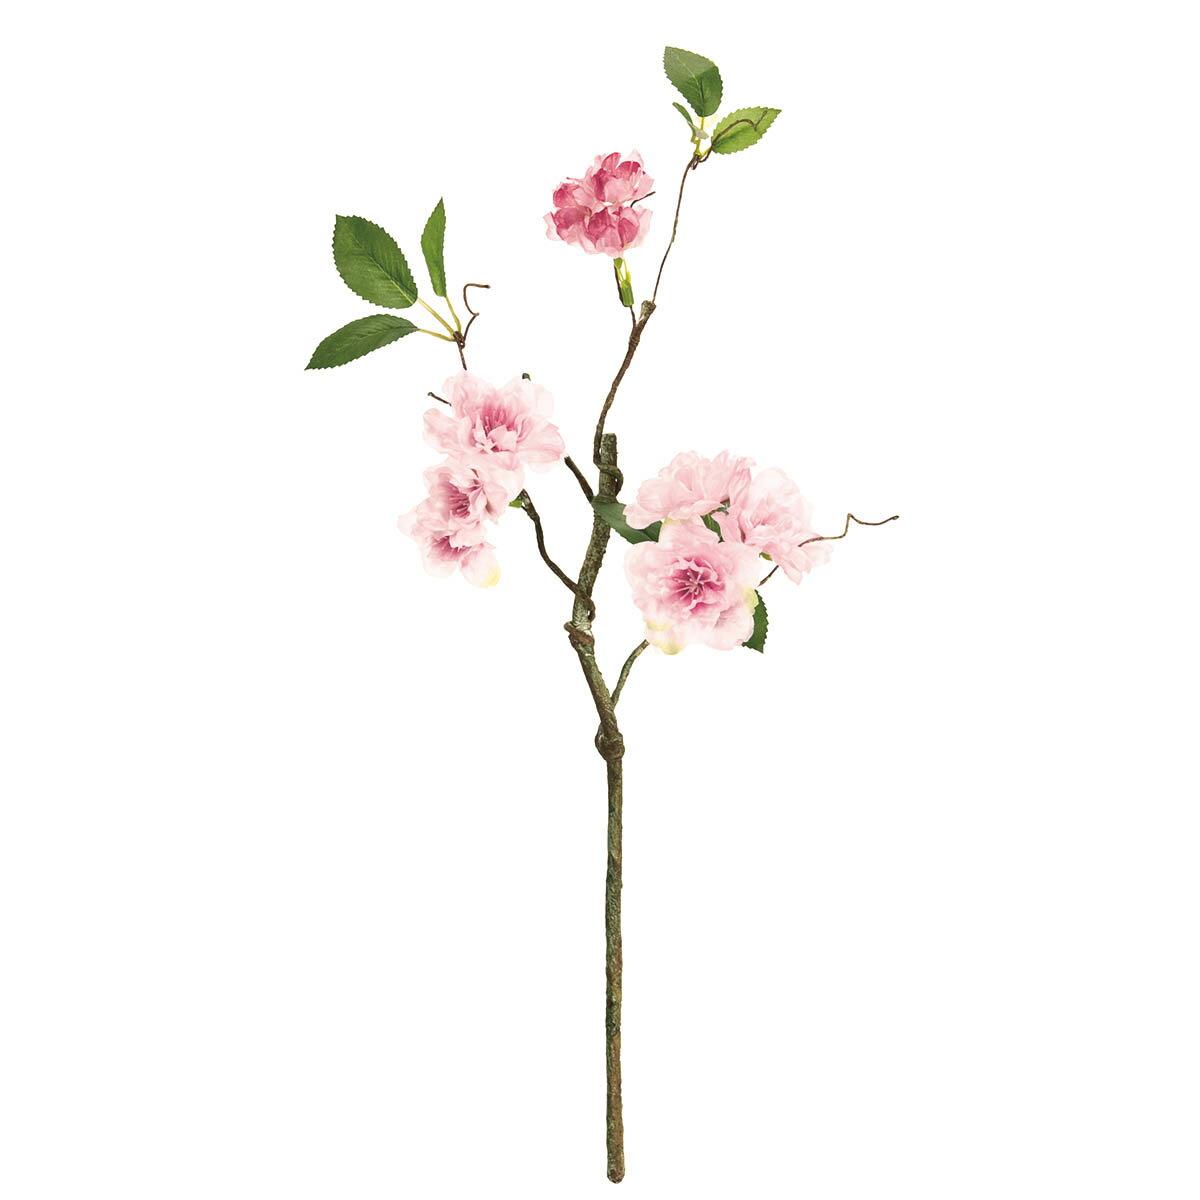 【造花】MAGIQ(東京堂)/みやこ桜 小 ピンク/FM007783【01】【取寄】《 造花(アーティフィシャルフラワー) 造花 花材「さ行」 さくら(桜) 》